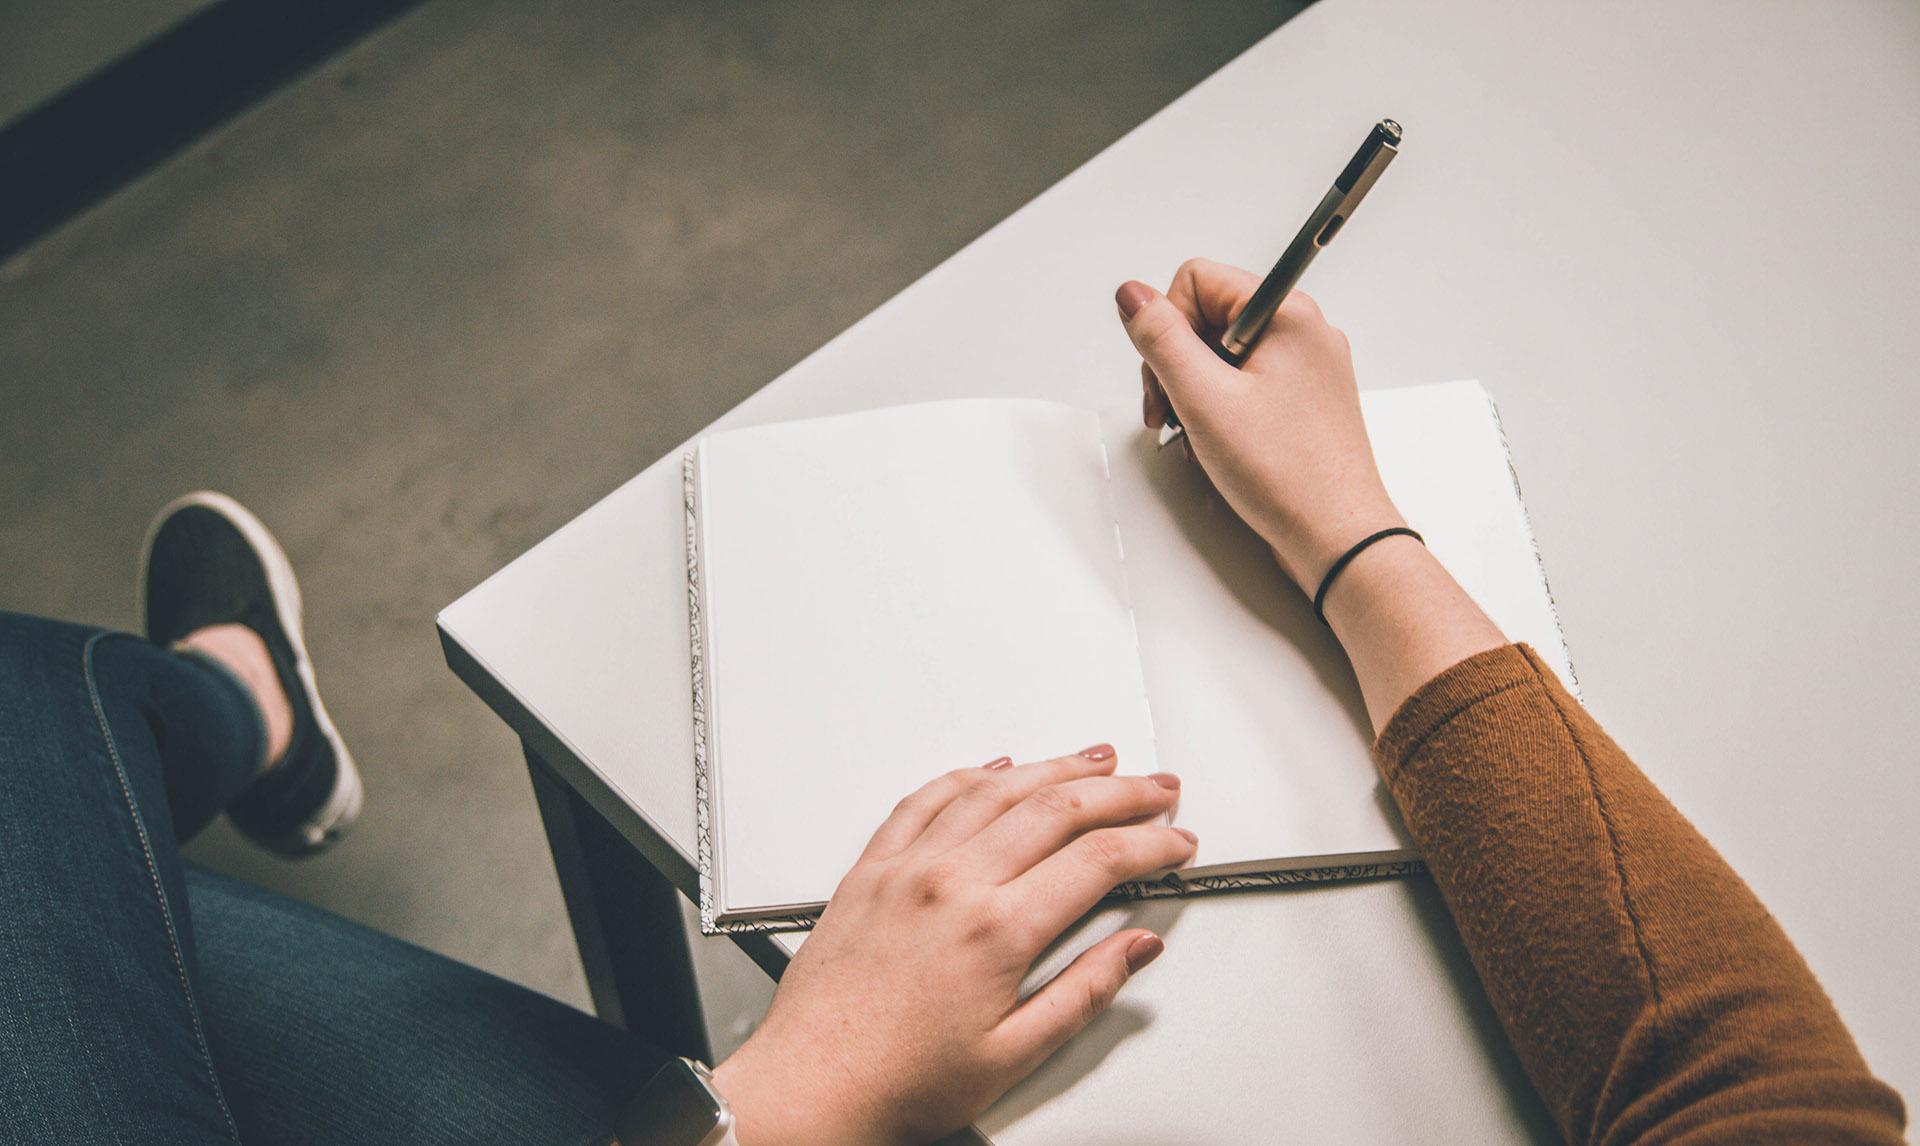 Kädet kynä ja kirjoituspaperia